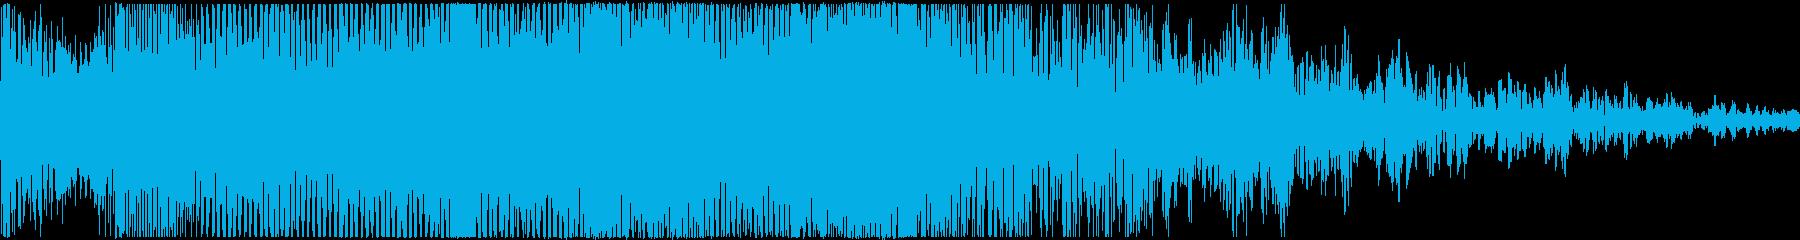 ダイナミックでかっこいいメロディーの再生済みの波形